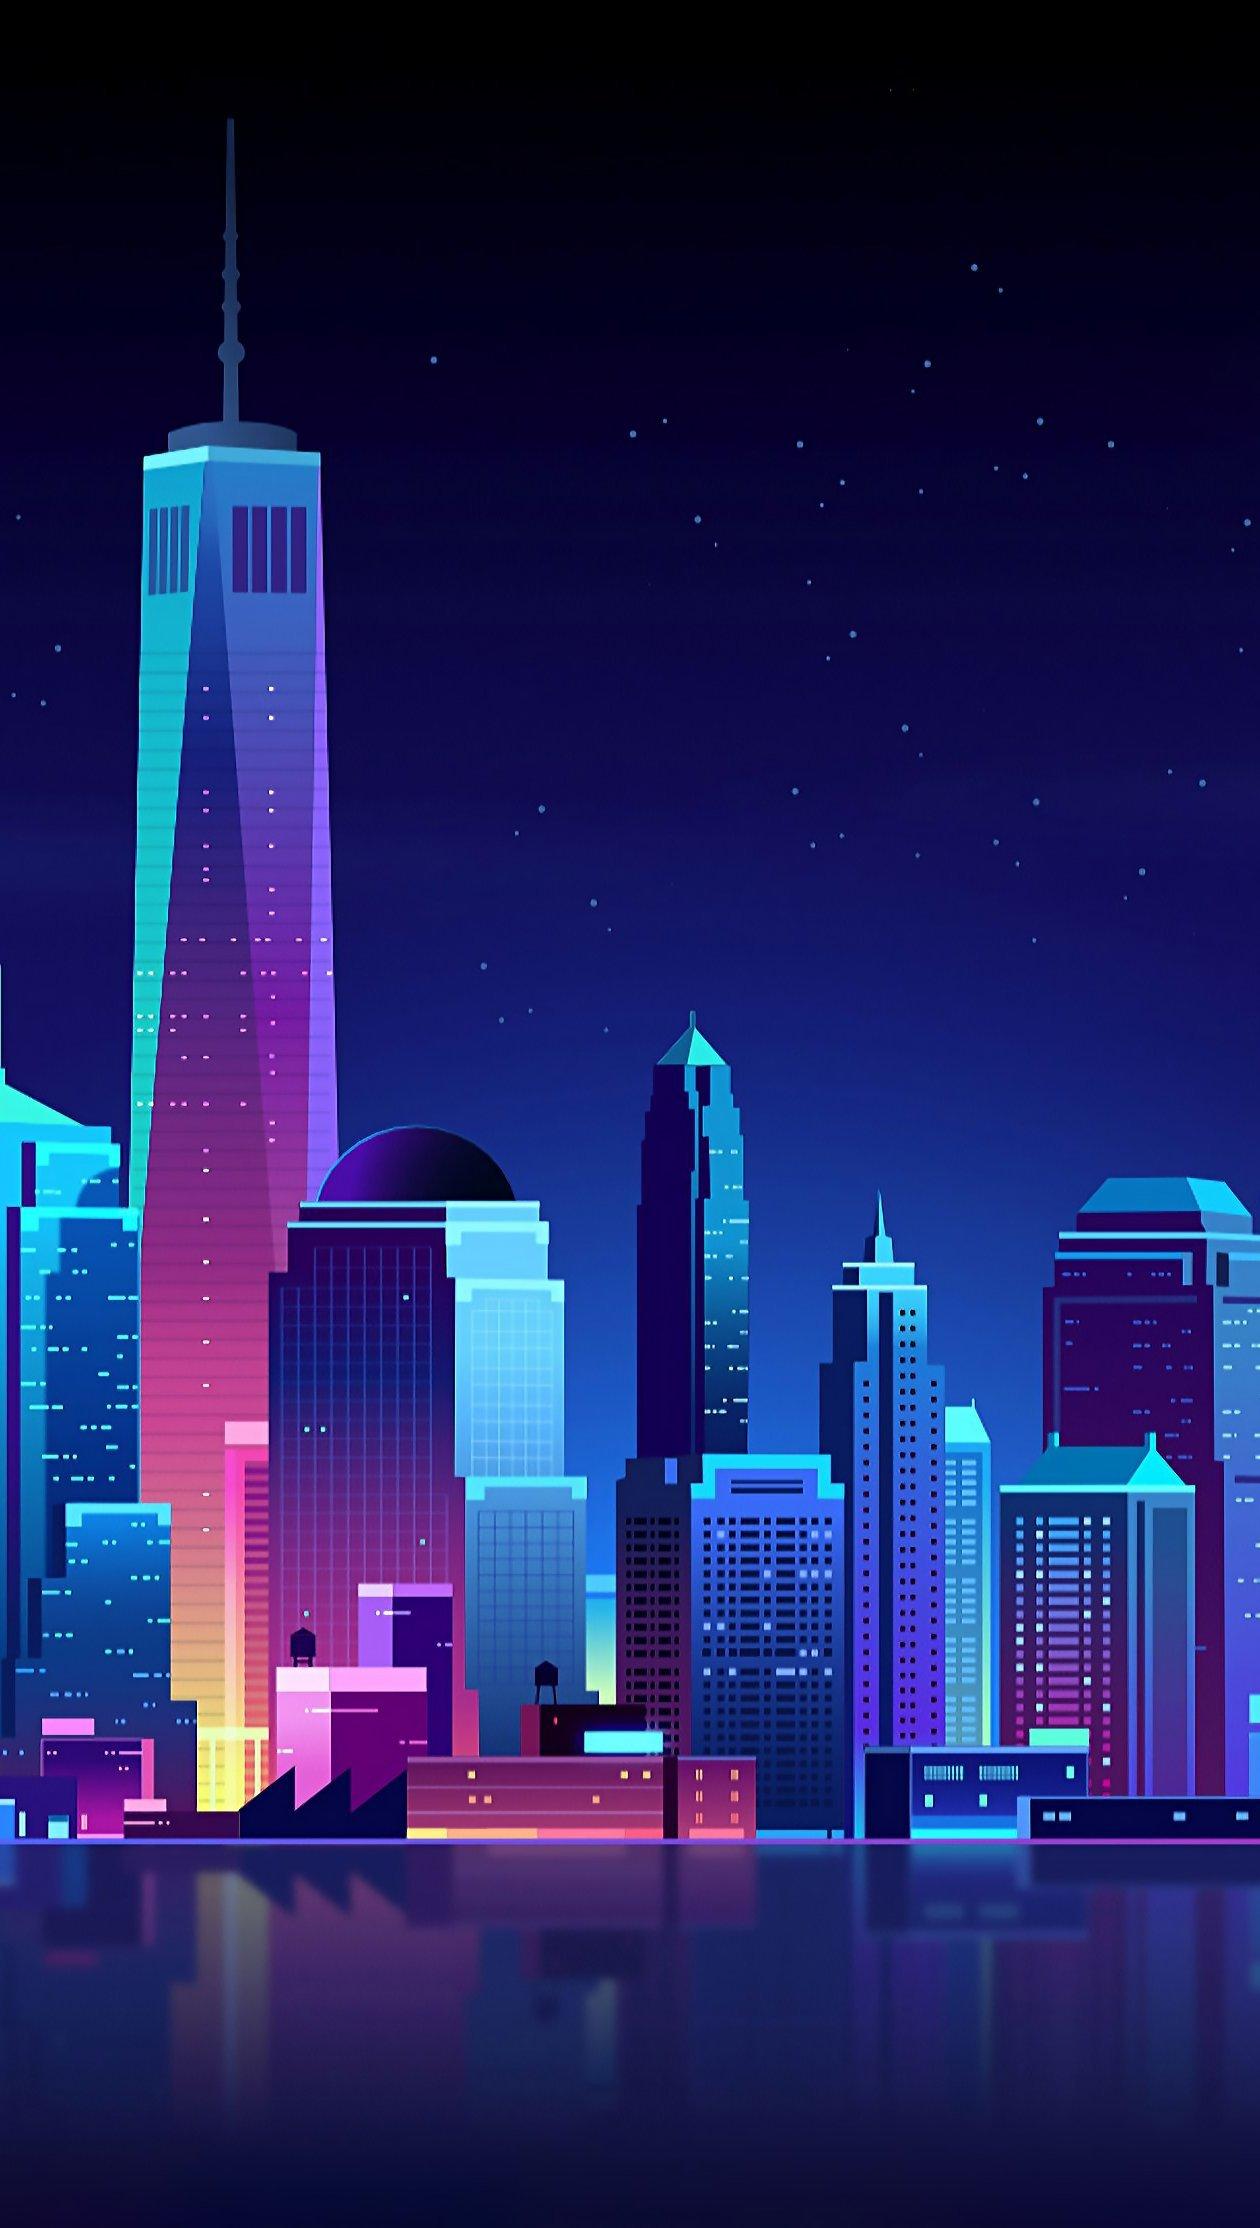 Fondos de pantalla Ciudad nocturna en arte neón Vertical